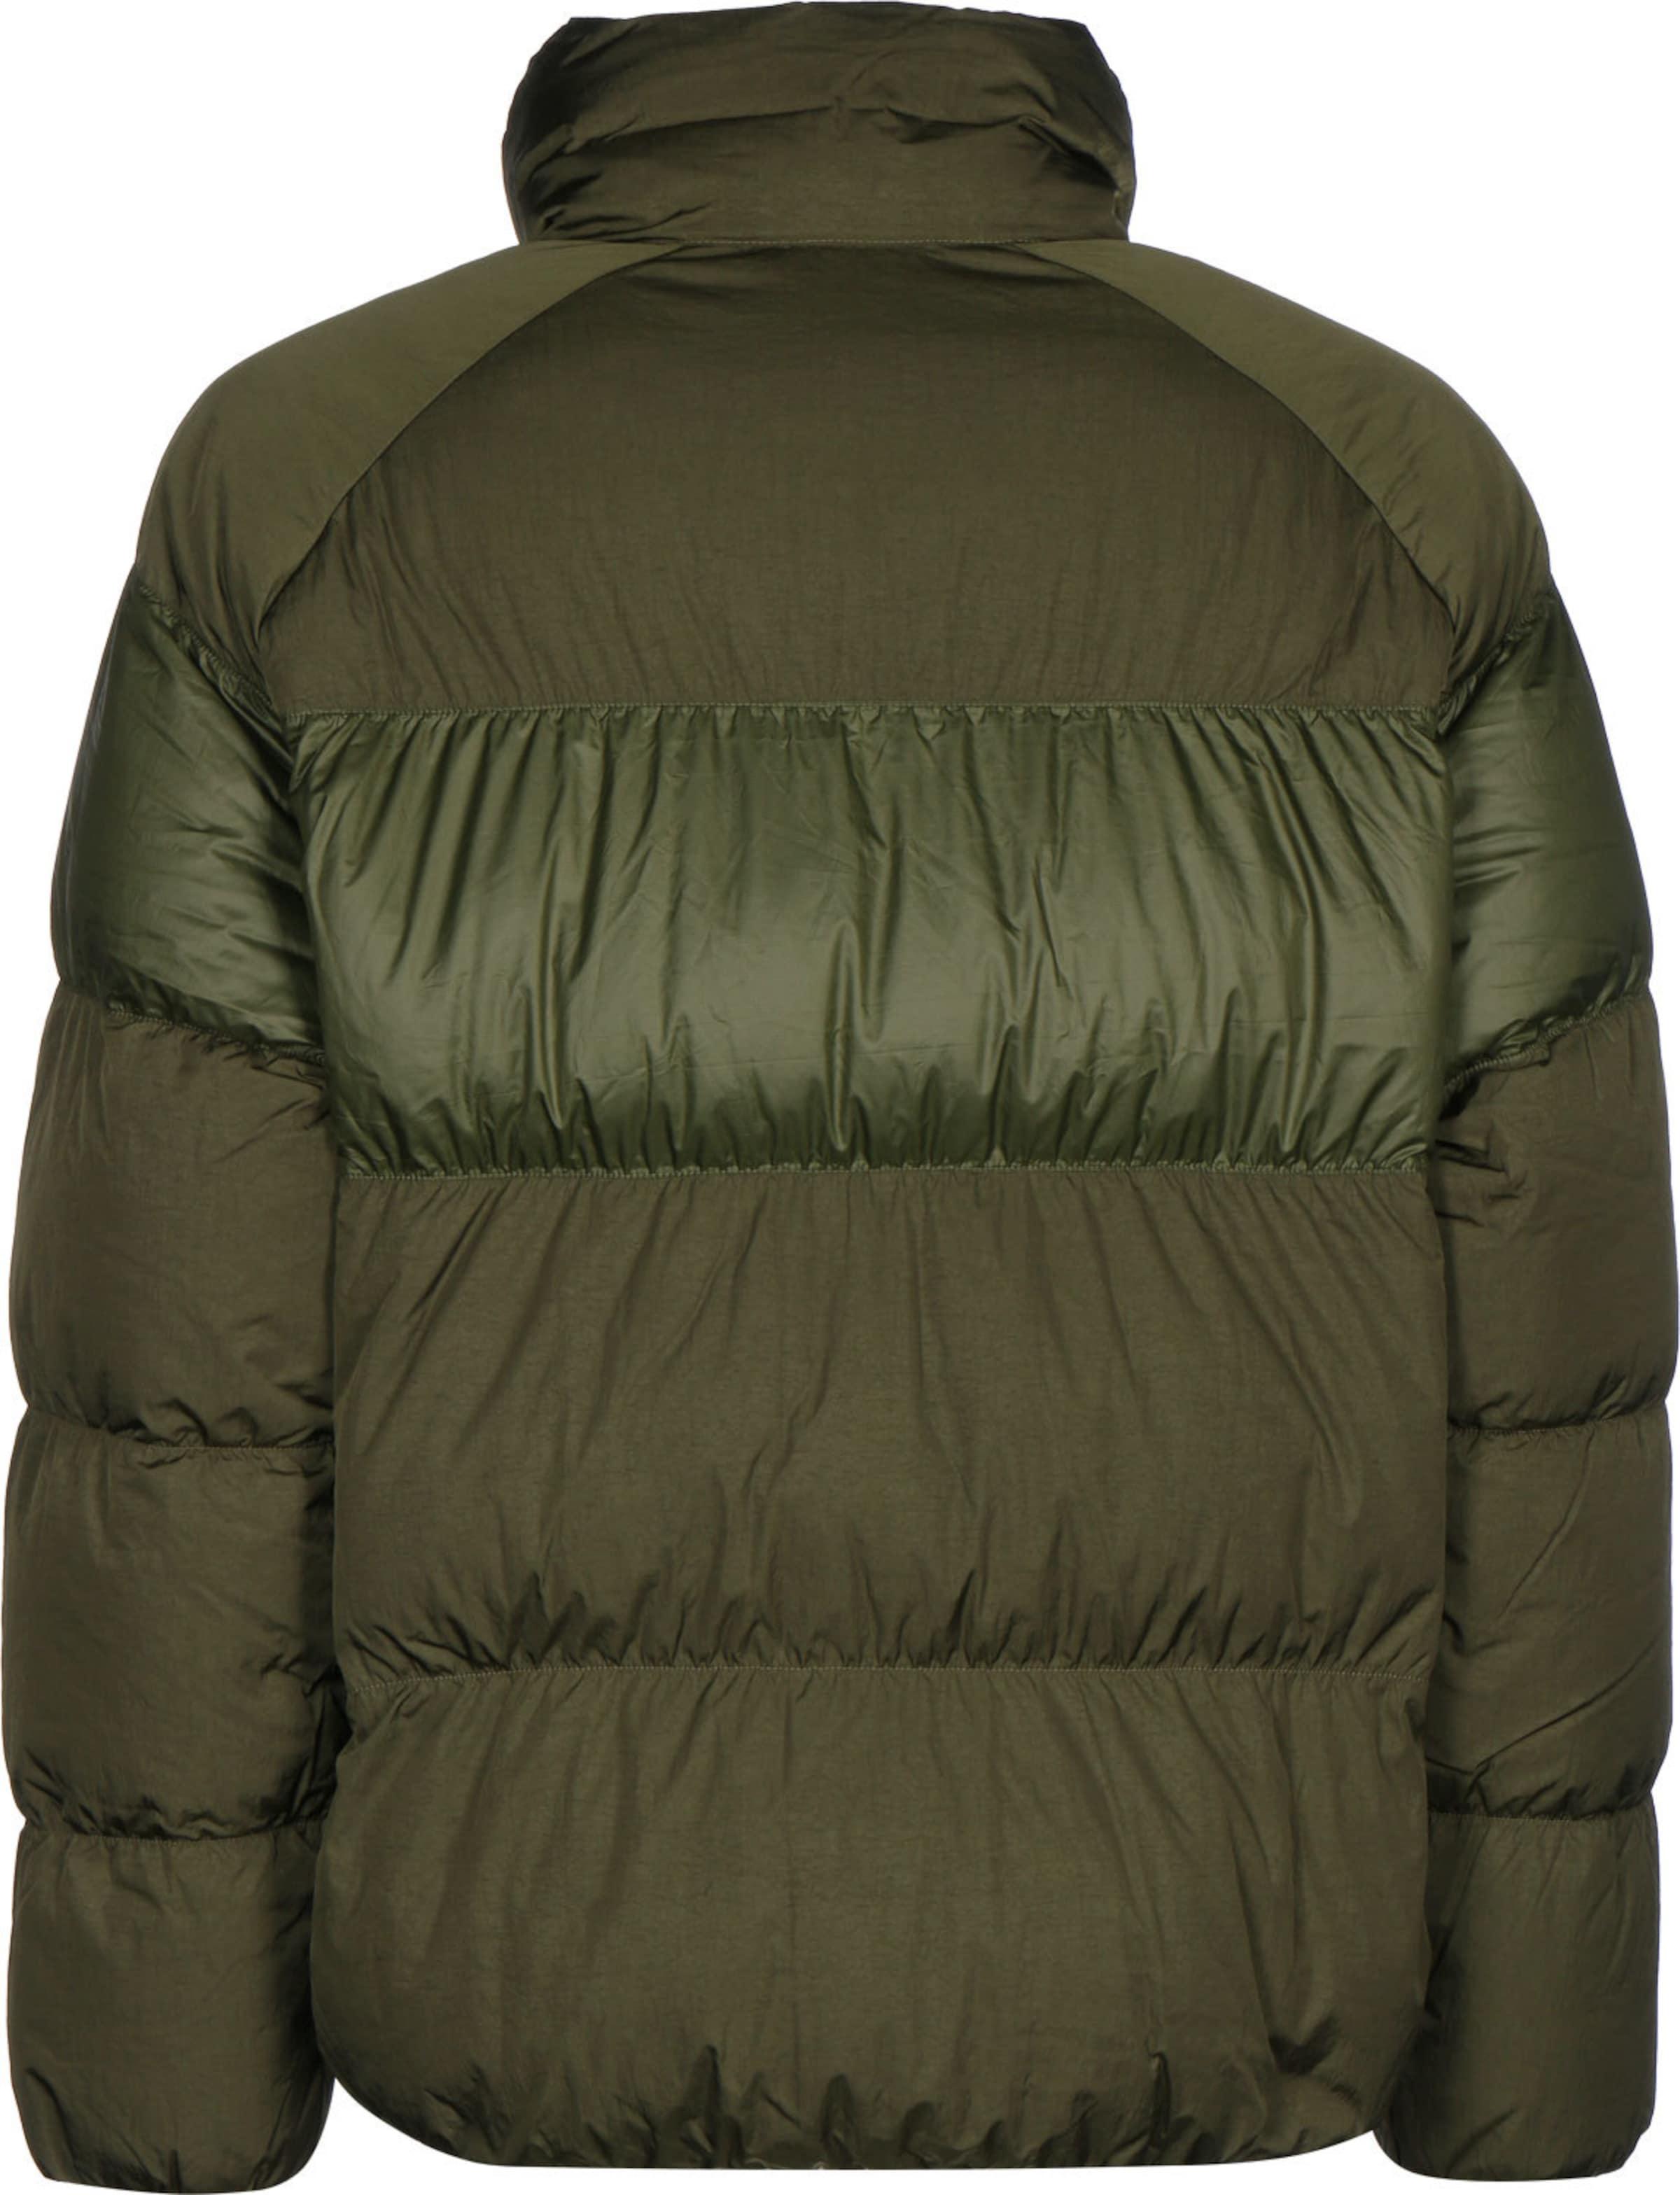 Nike Sportswear Jacke in dunkelgrün Unifarben KJ55533021